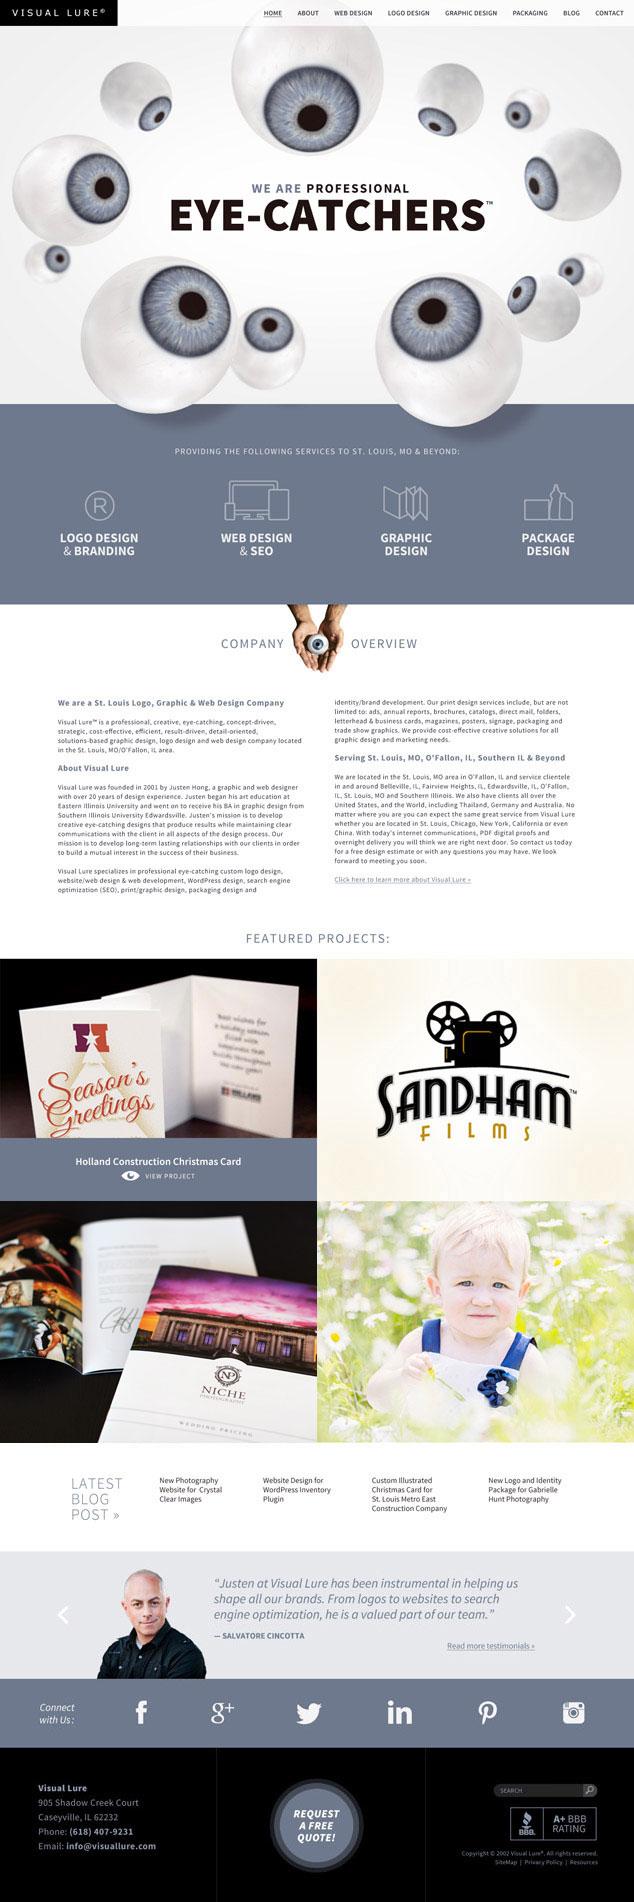 VLHome-web-design-opt1